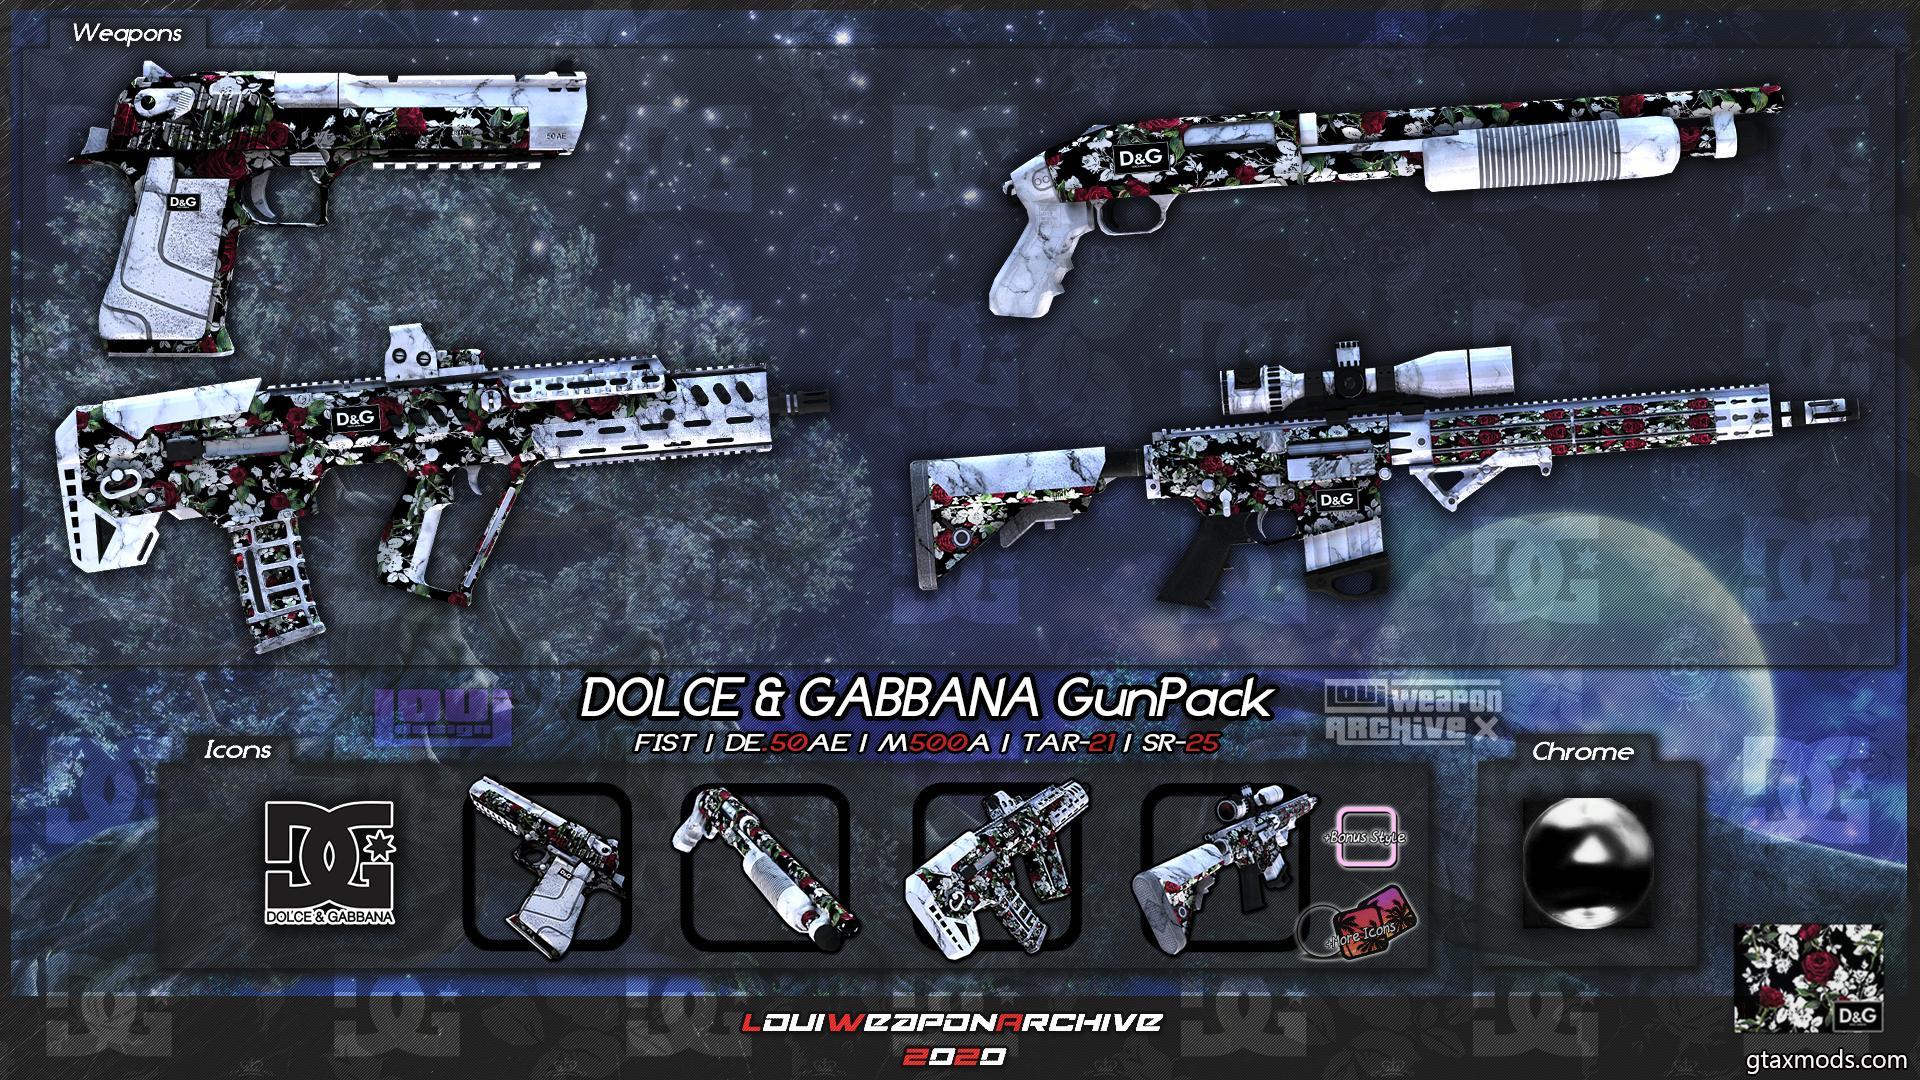 DOLCE & GABBANA GunPack [LouiWA]